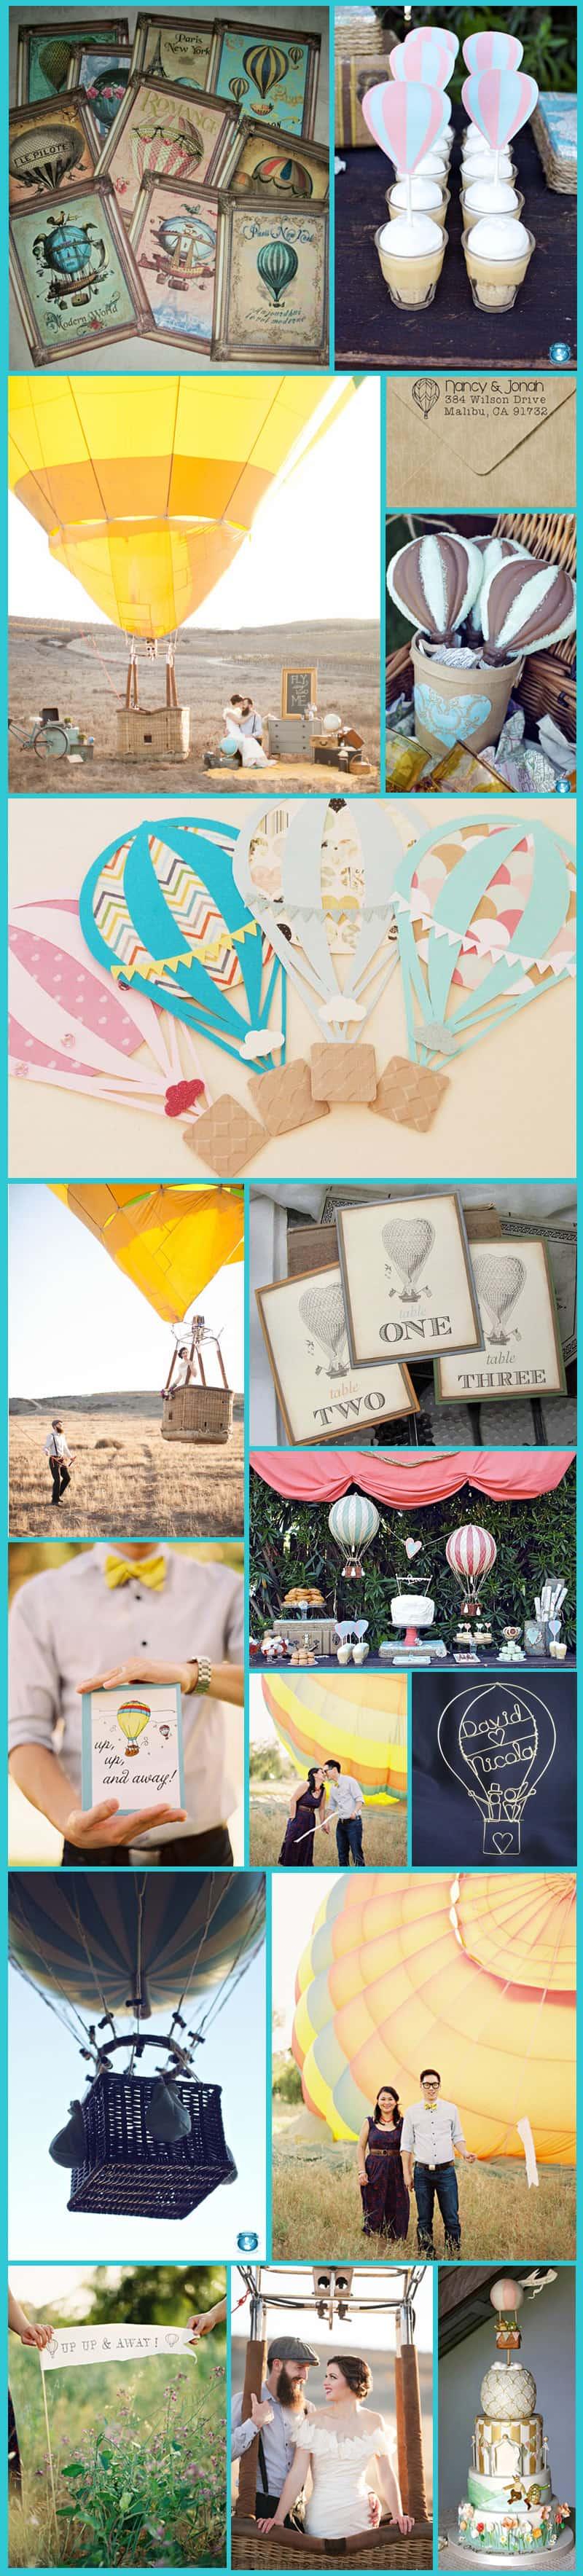 Hot Air Balloon Inspiration Board